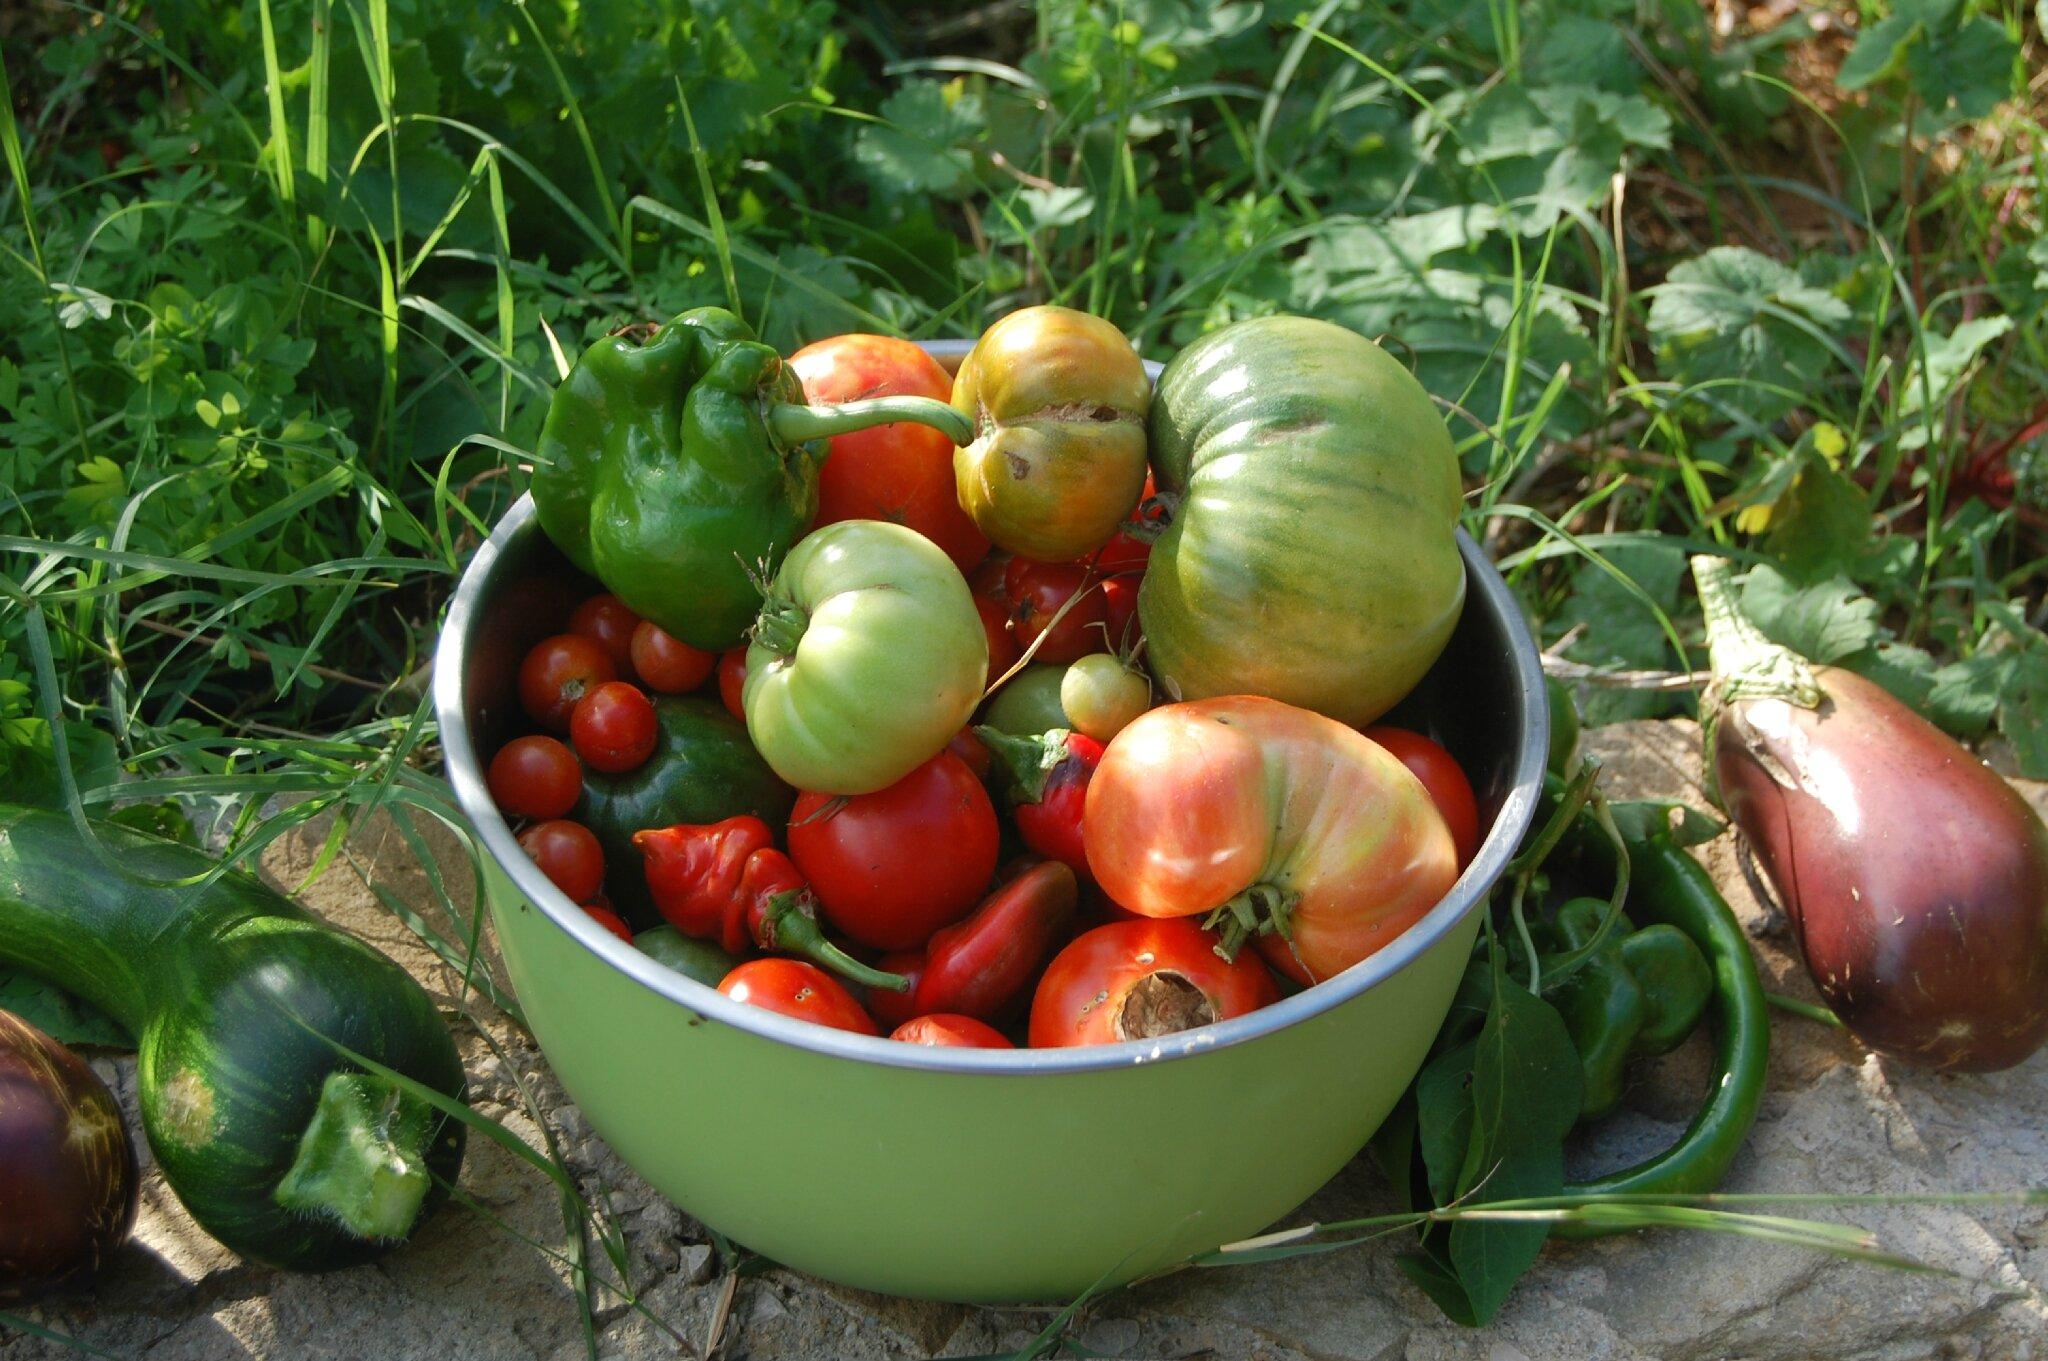 Ramasser ses dernières tomates vertes pour les transformer en confiture